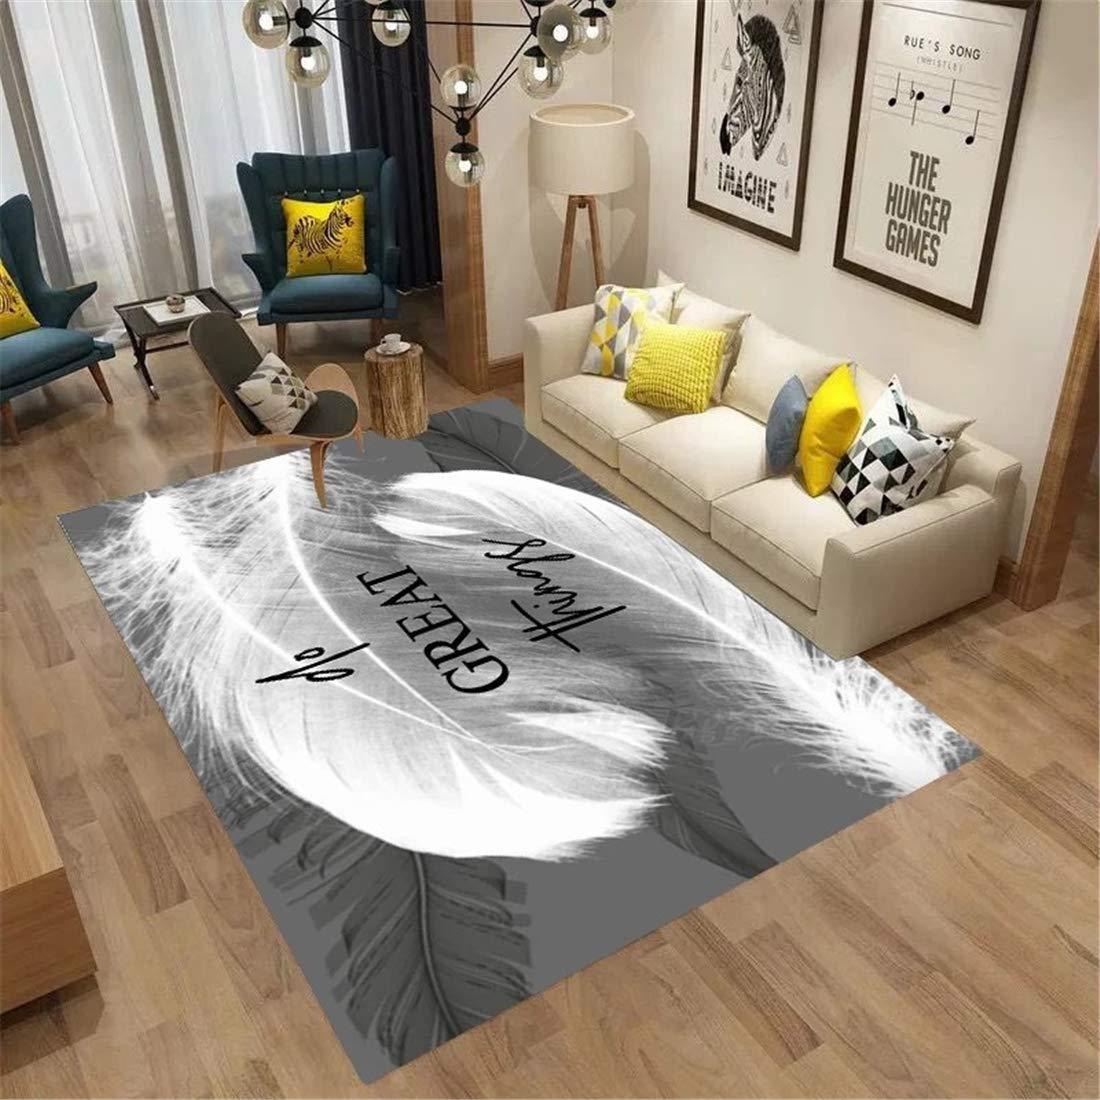 現代のシンプルさ 長方形 モダンなミニマリストのリビングルームのカーペット北欧の幾何学模様のフロアマットホームストアディスプレイカーペット カーペット 大きめ カーペット 薄手 絨毯 ラグ 通販 B07NVDYTVY SD-M009 160*230cm